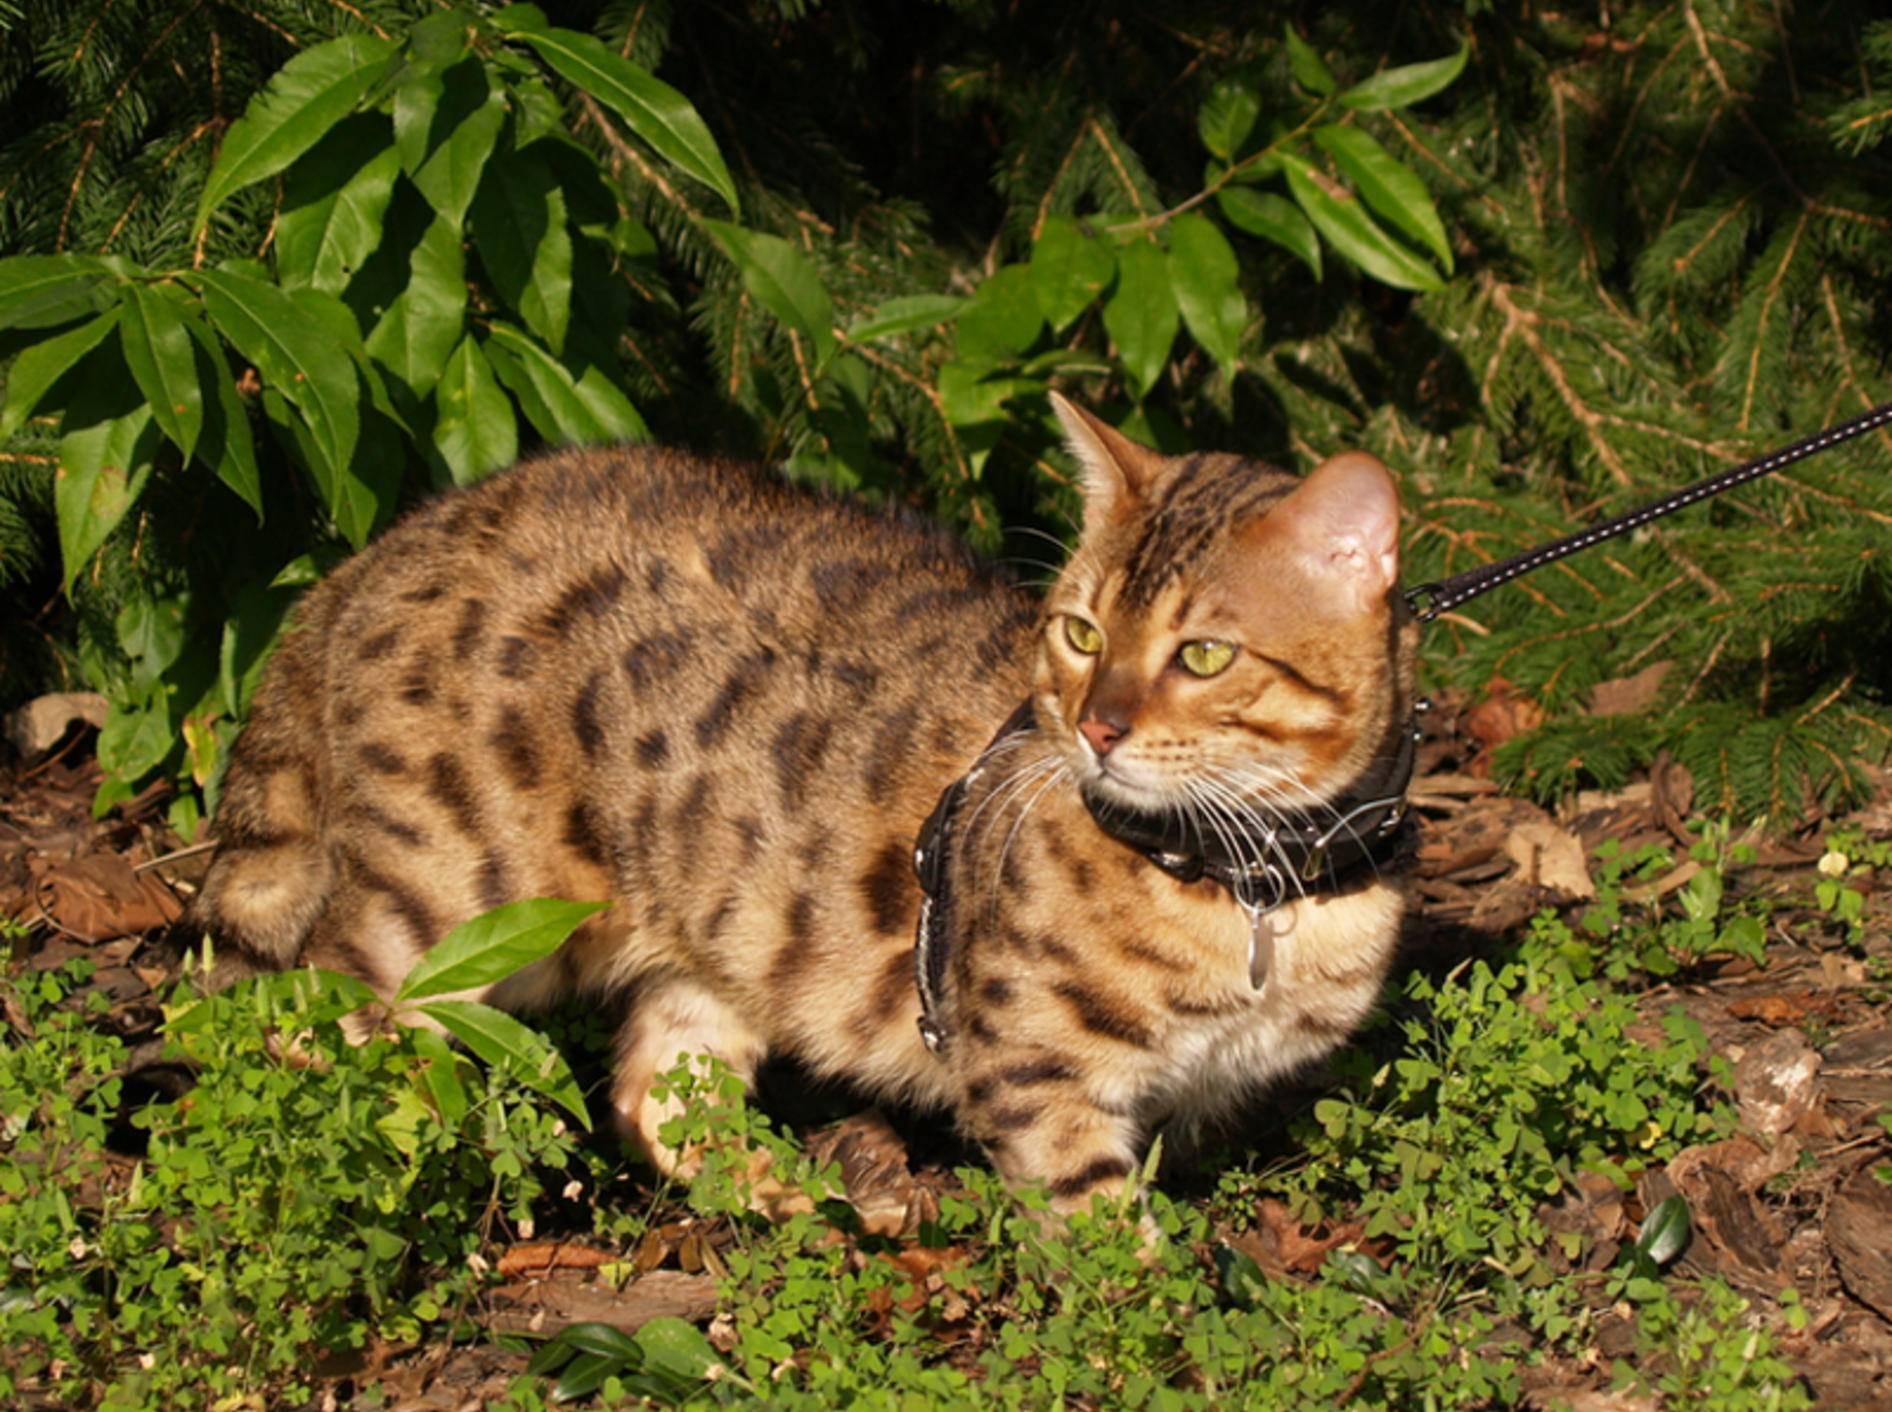 Für die schöne Savannah muss man tief in die Tasche greifen – Bild: Shutterstock / Lindasj22